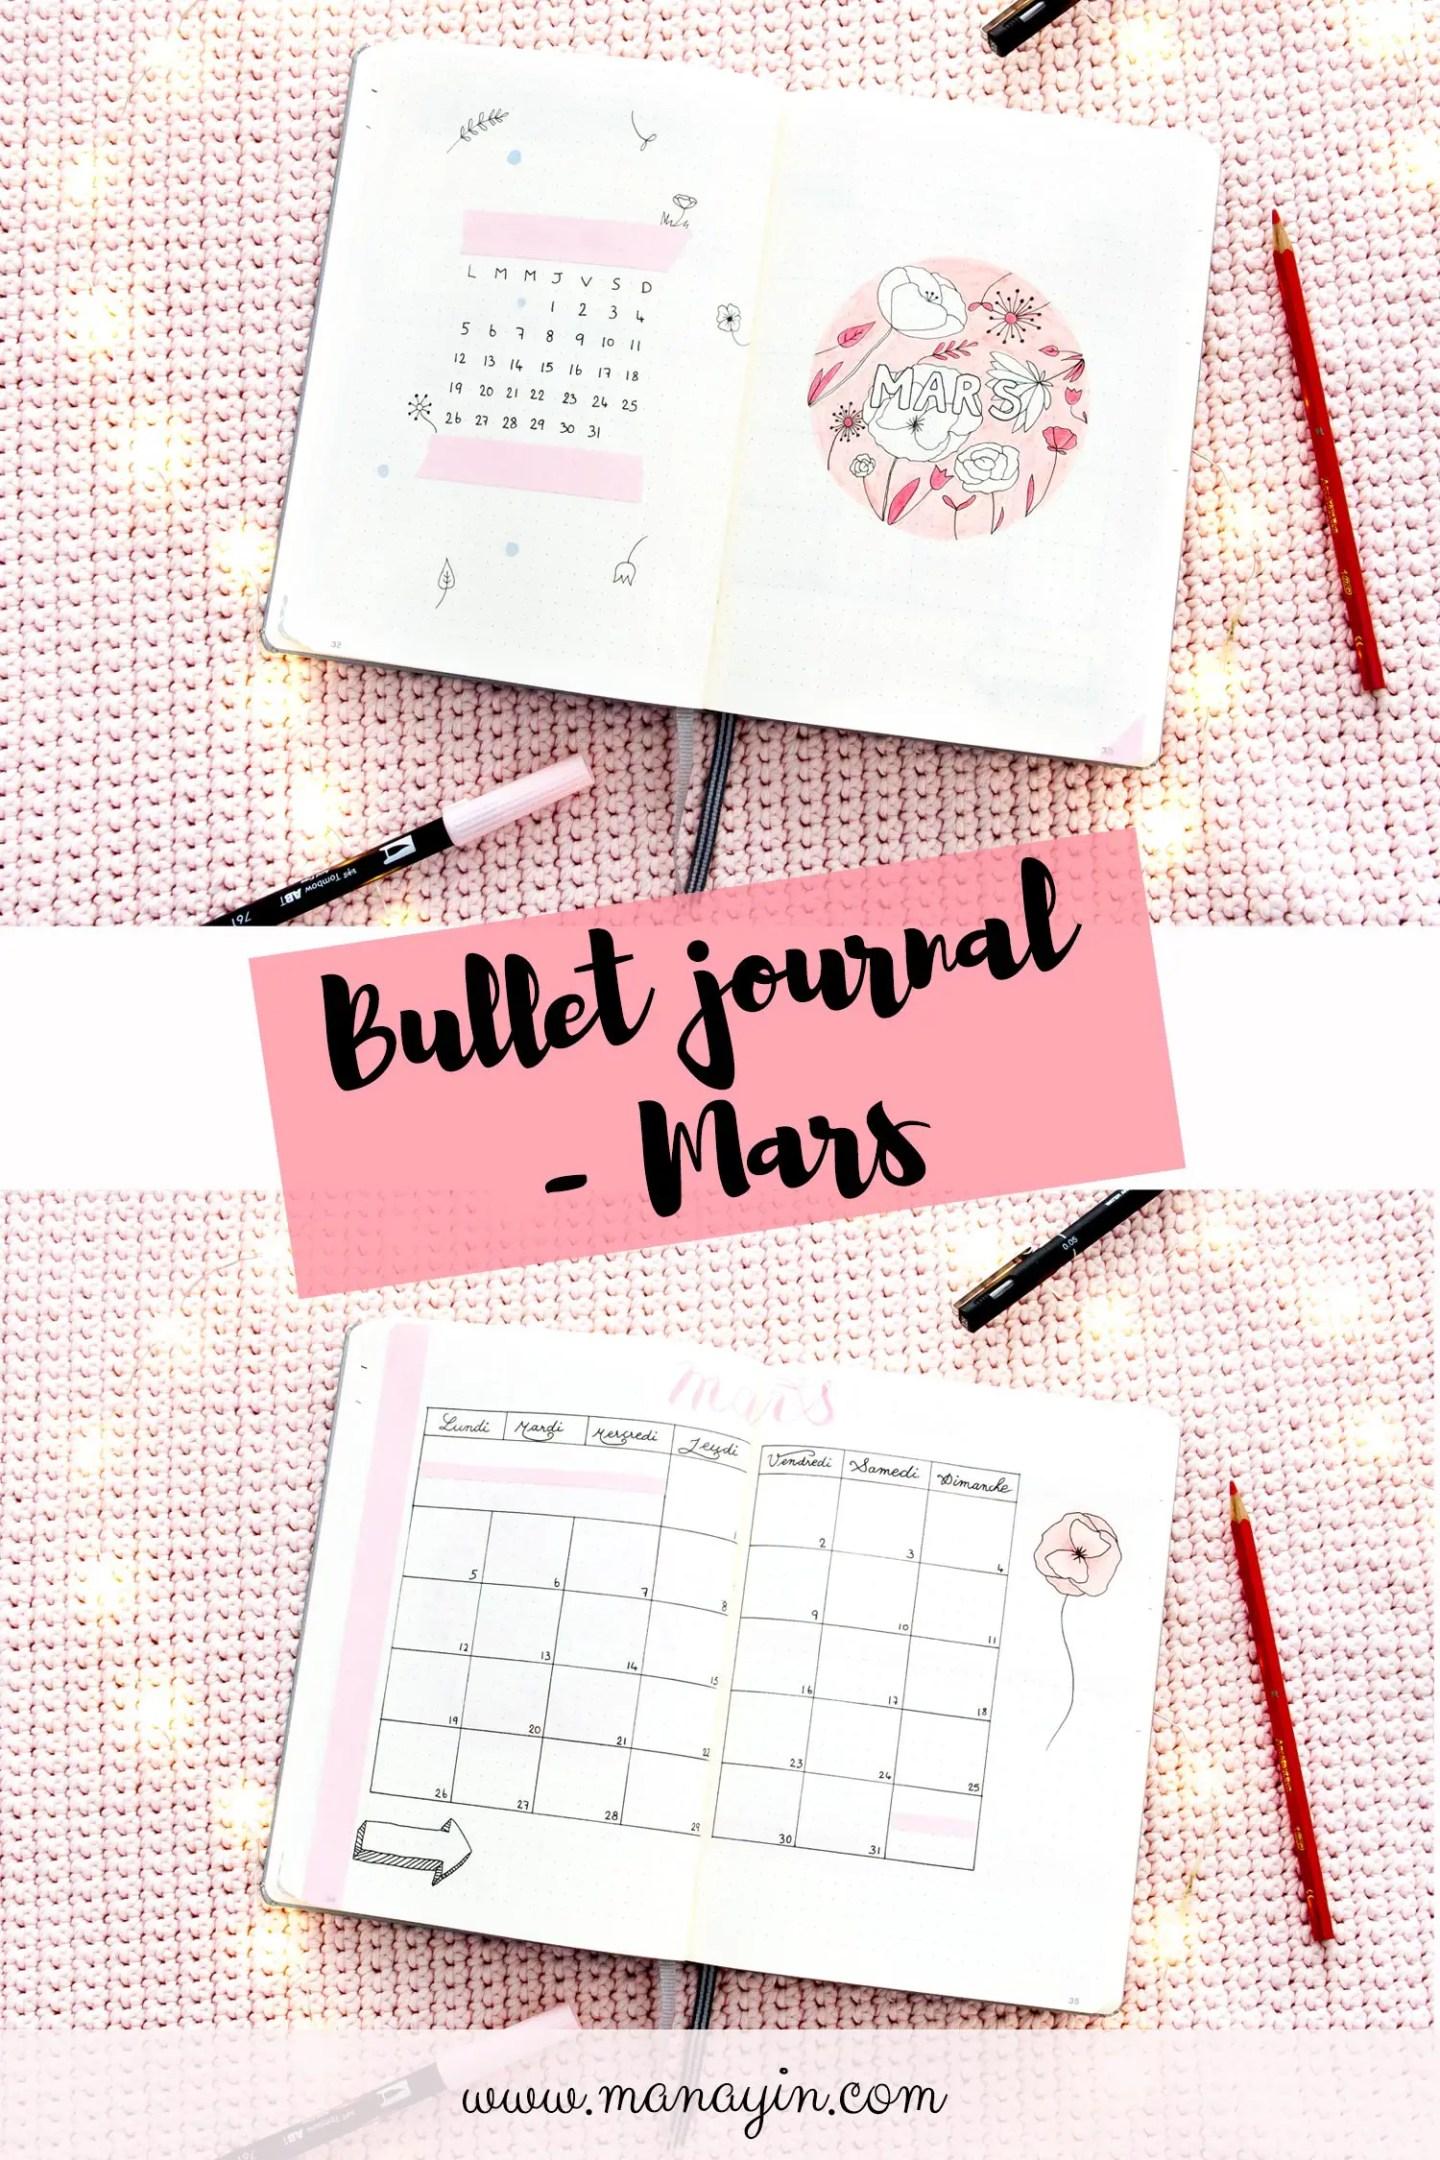 Bullet journal - Mars